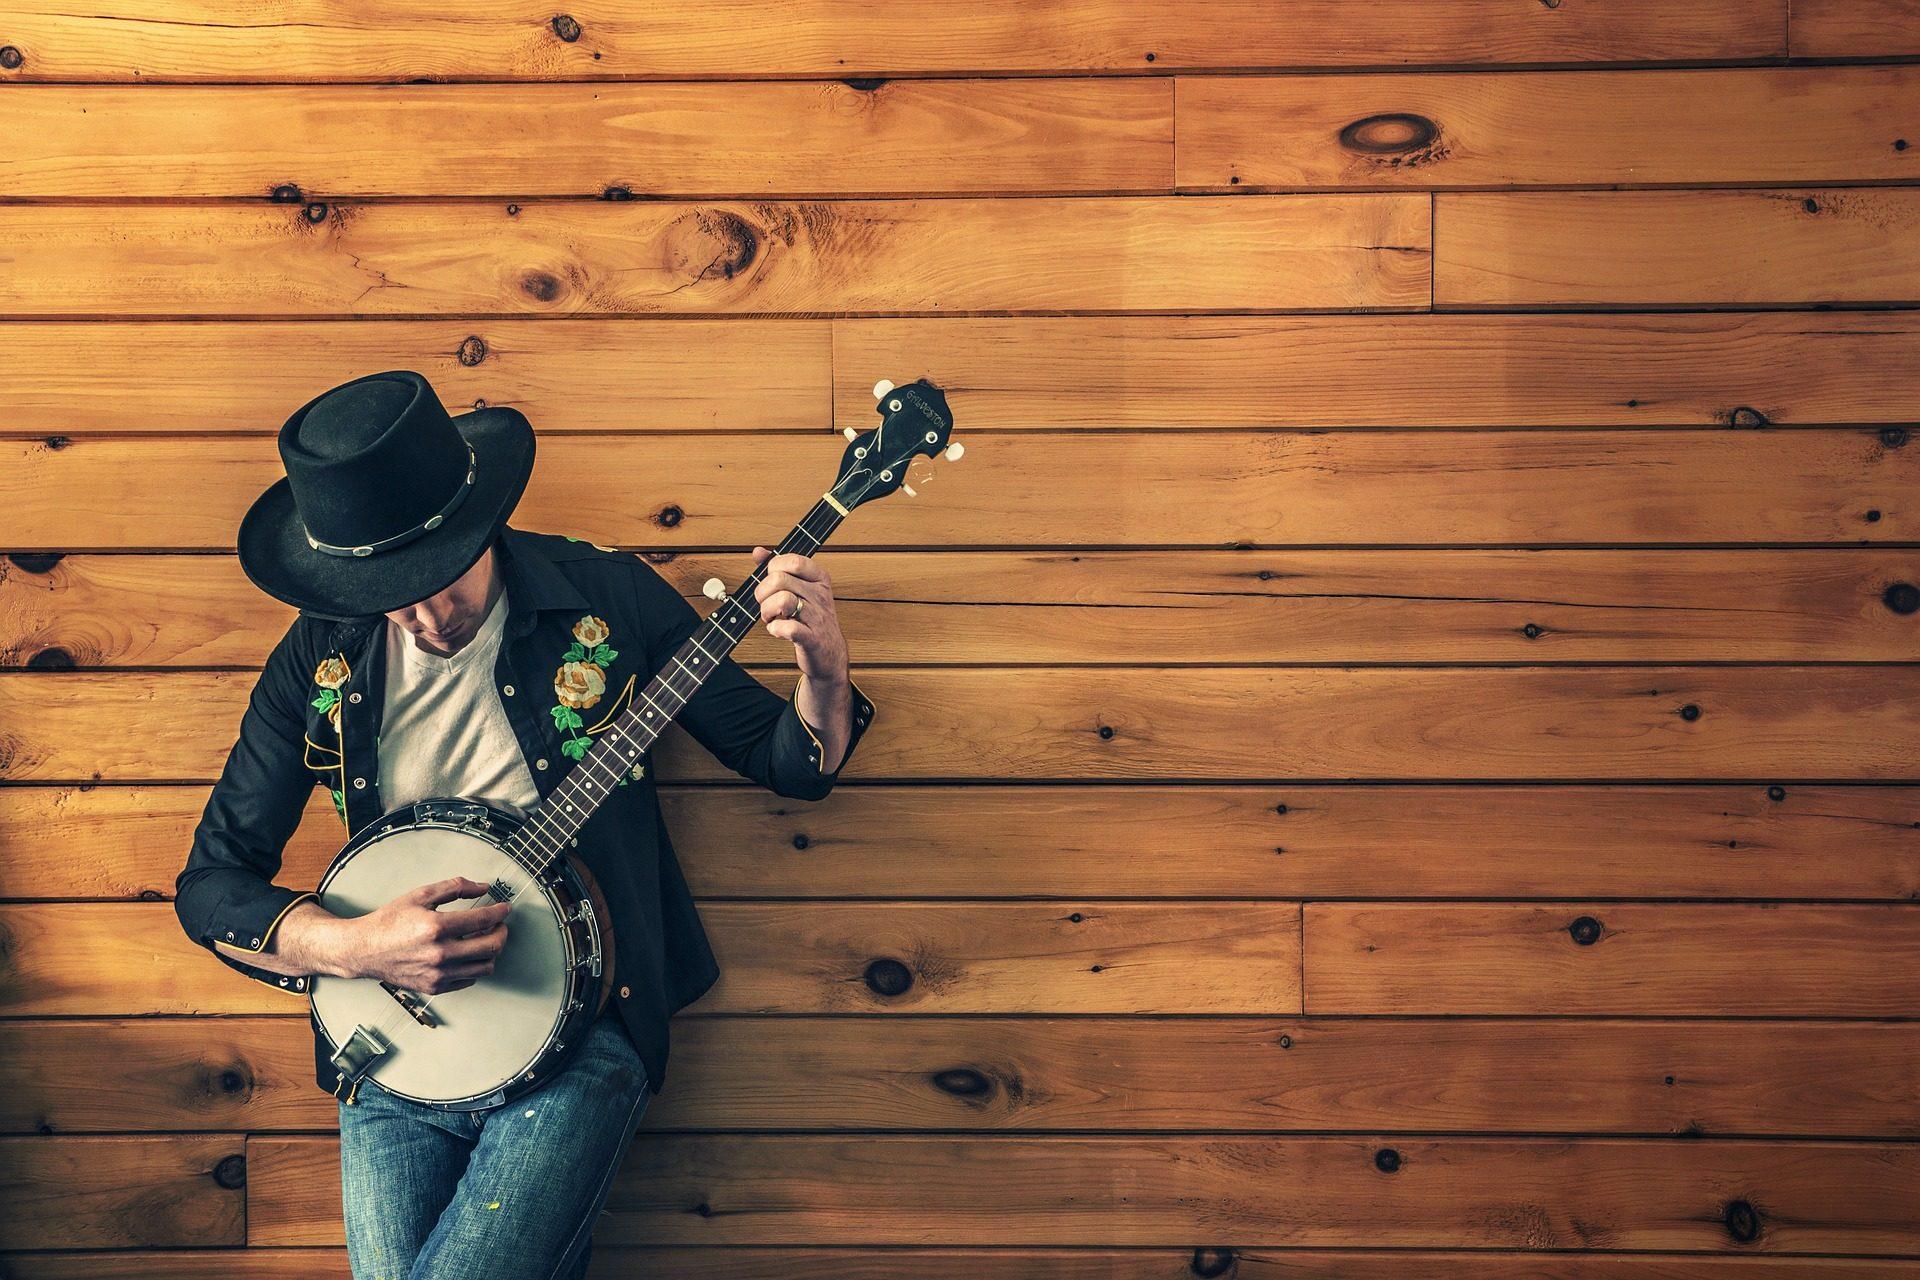 μουσικός, banjo, Κιθάρα, Καπέλο, country - Wallpapers HD - Professor-falken.com